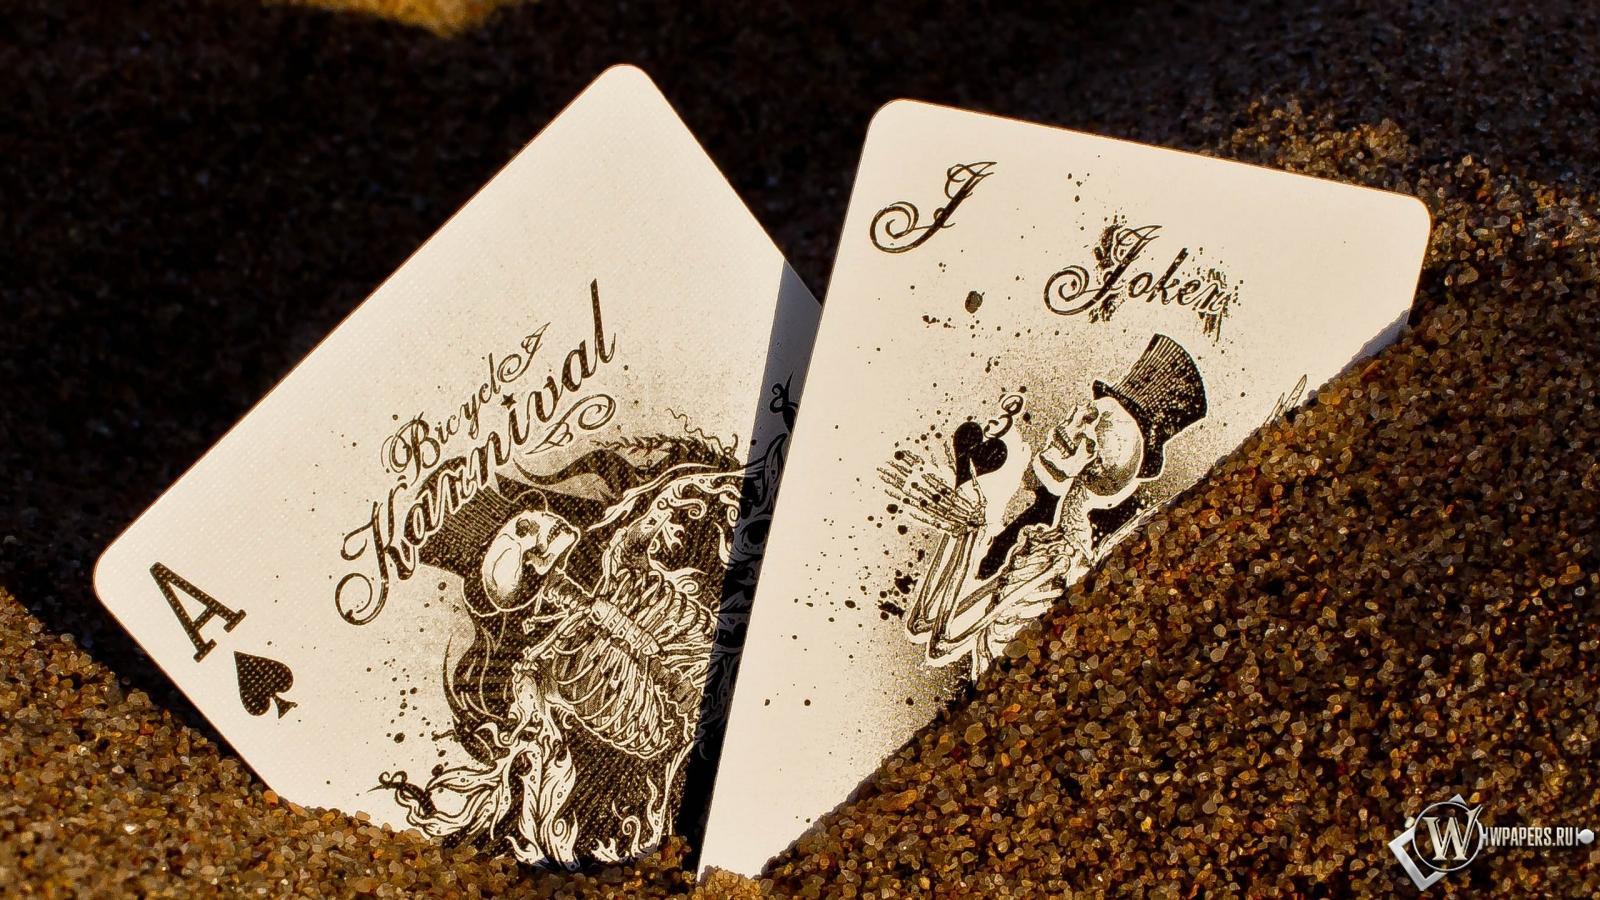 Карты покер азарт 1600x900 картинки